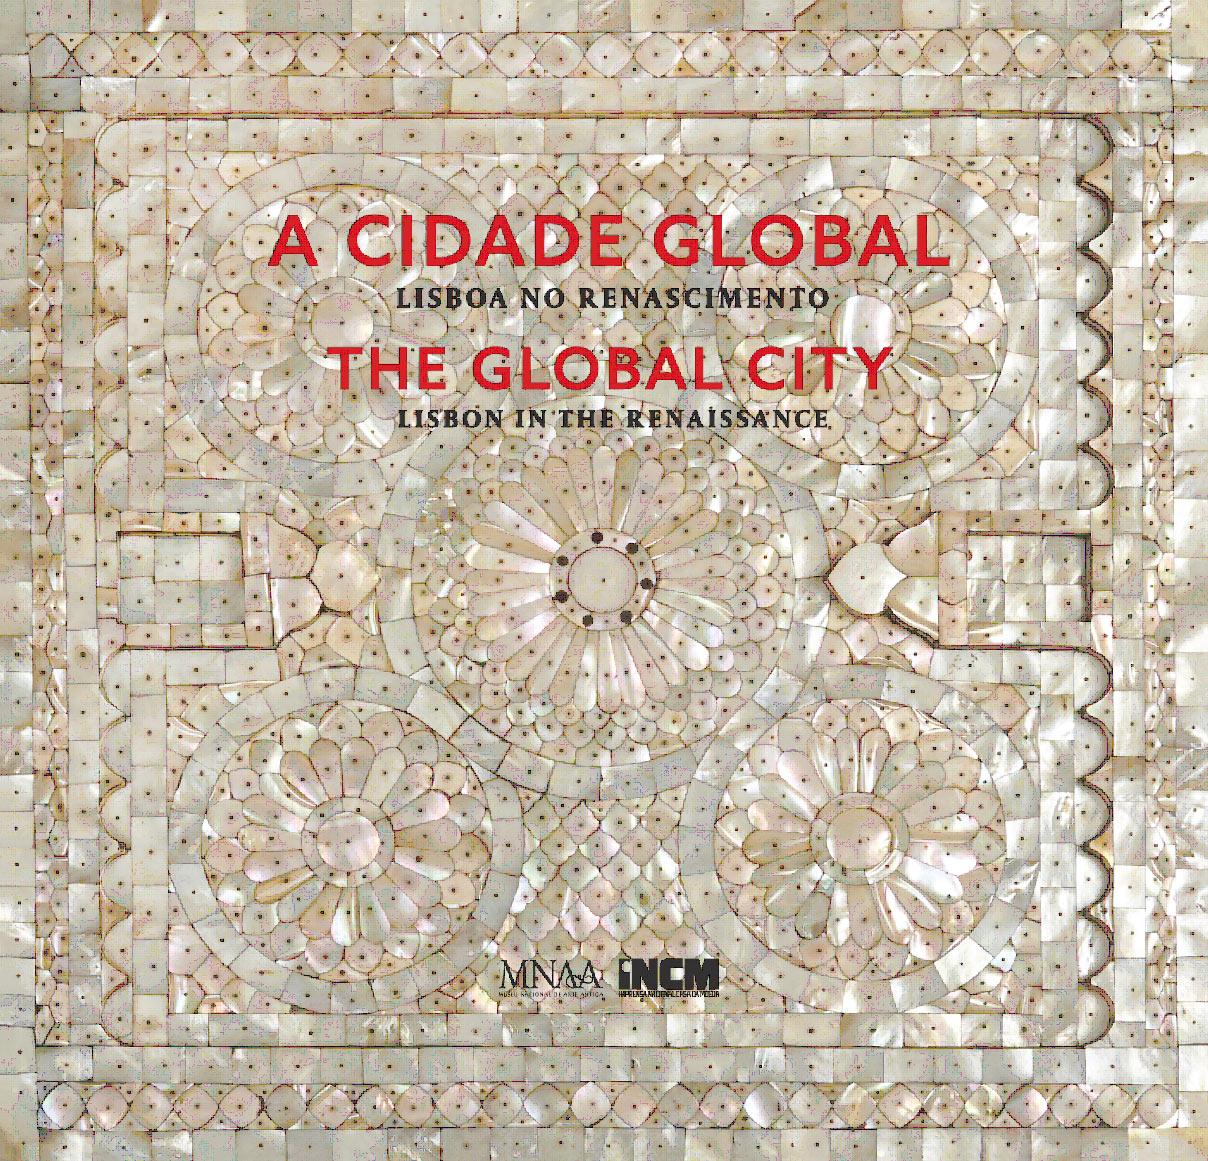 Cidade Global - capa catálogo